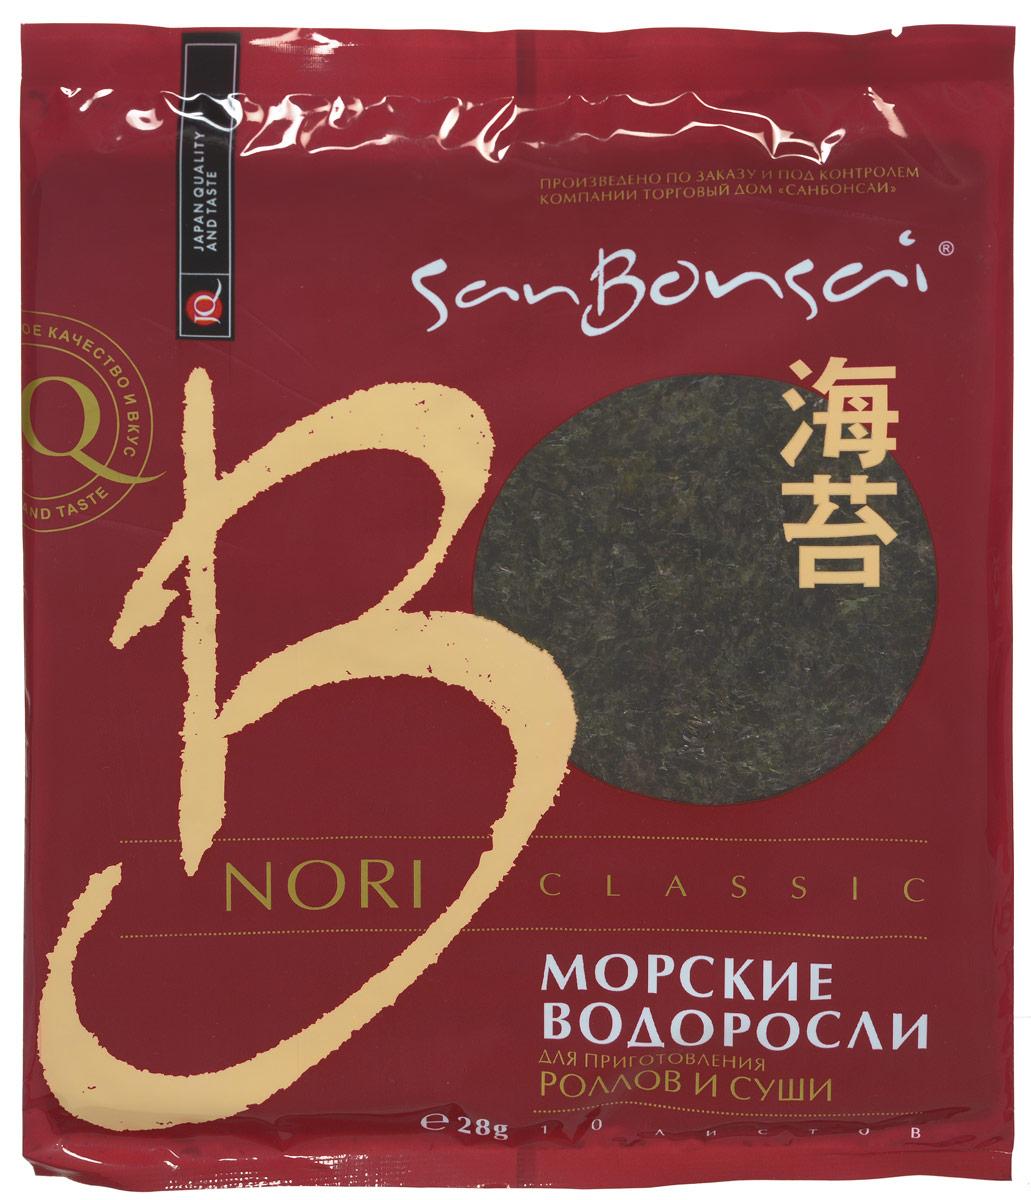 SanBonsai Nori Classic - морские водоросли для роллов и суши. Нори изготовлены из измельченных, а затем высушенных на сетке водорослей без каких-либо добавок. Листы нори используются для приготовления суши, роллов, гунканов, а также как ингредиент для Азиатских первых и вторых блюд. Морские водоросли SanBonsai высокого качества - плотные, ровные, без просветов. Морские водоросли Нори SanBonsai Nori Classic содержат йод, растительный протеин, витамины и минералы. При регулярном употреблении нори в пищу замечено значительное снижение уровня холестерина в крови, что говорит о небольшой вероятности заболеть атеросклерозом. Наблюдения ученых показали, что водоросли обладают антираковыми свойствами, а также содействуют восстановлению иммунной системы. Польза водоросли нори заключается не только в способности выводить радиоактивные вещества и токсичные металлы из организма, но и укреплять сердечнососудистую систему. При заболеваниях щитовидной...